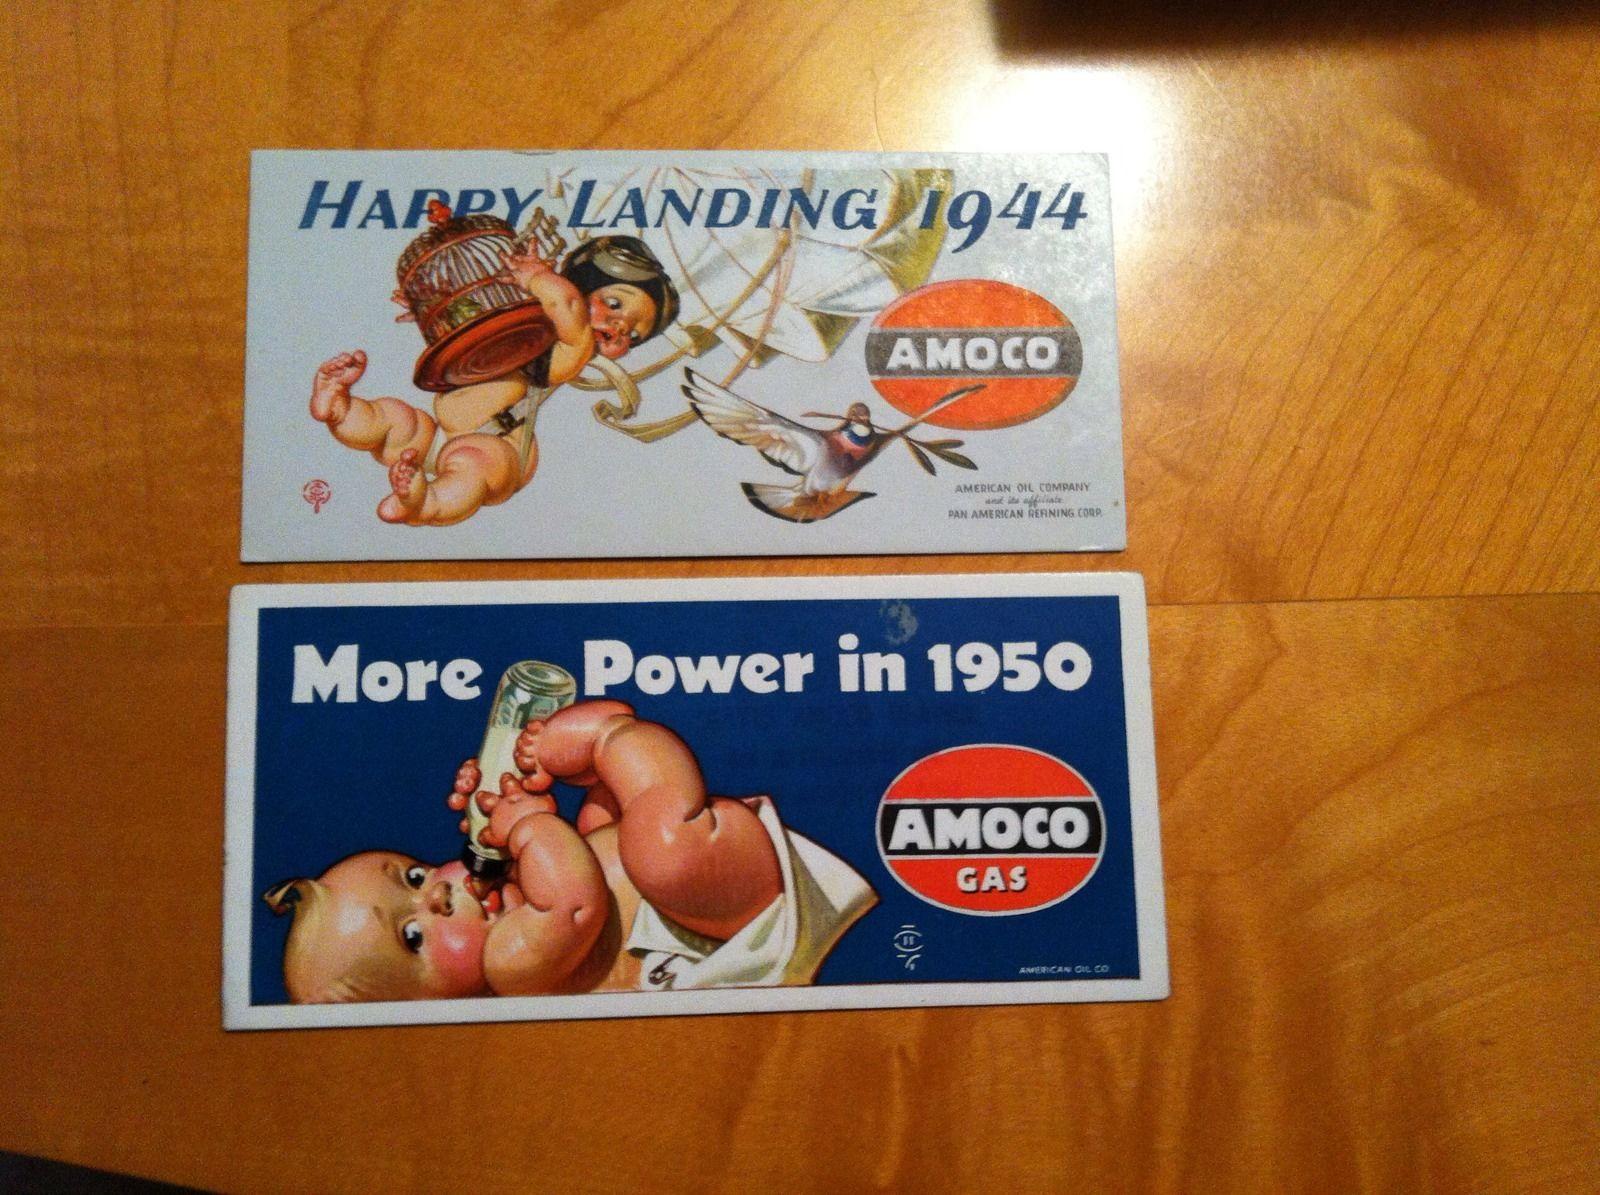 J C LEYENDECKER AMOCO GAS OIL BLOTTERS 1944 & 1950